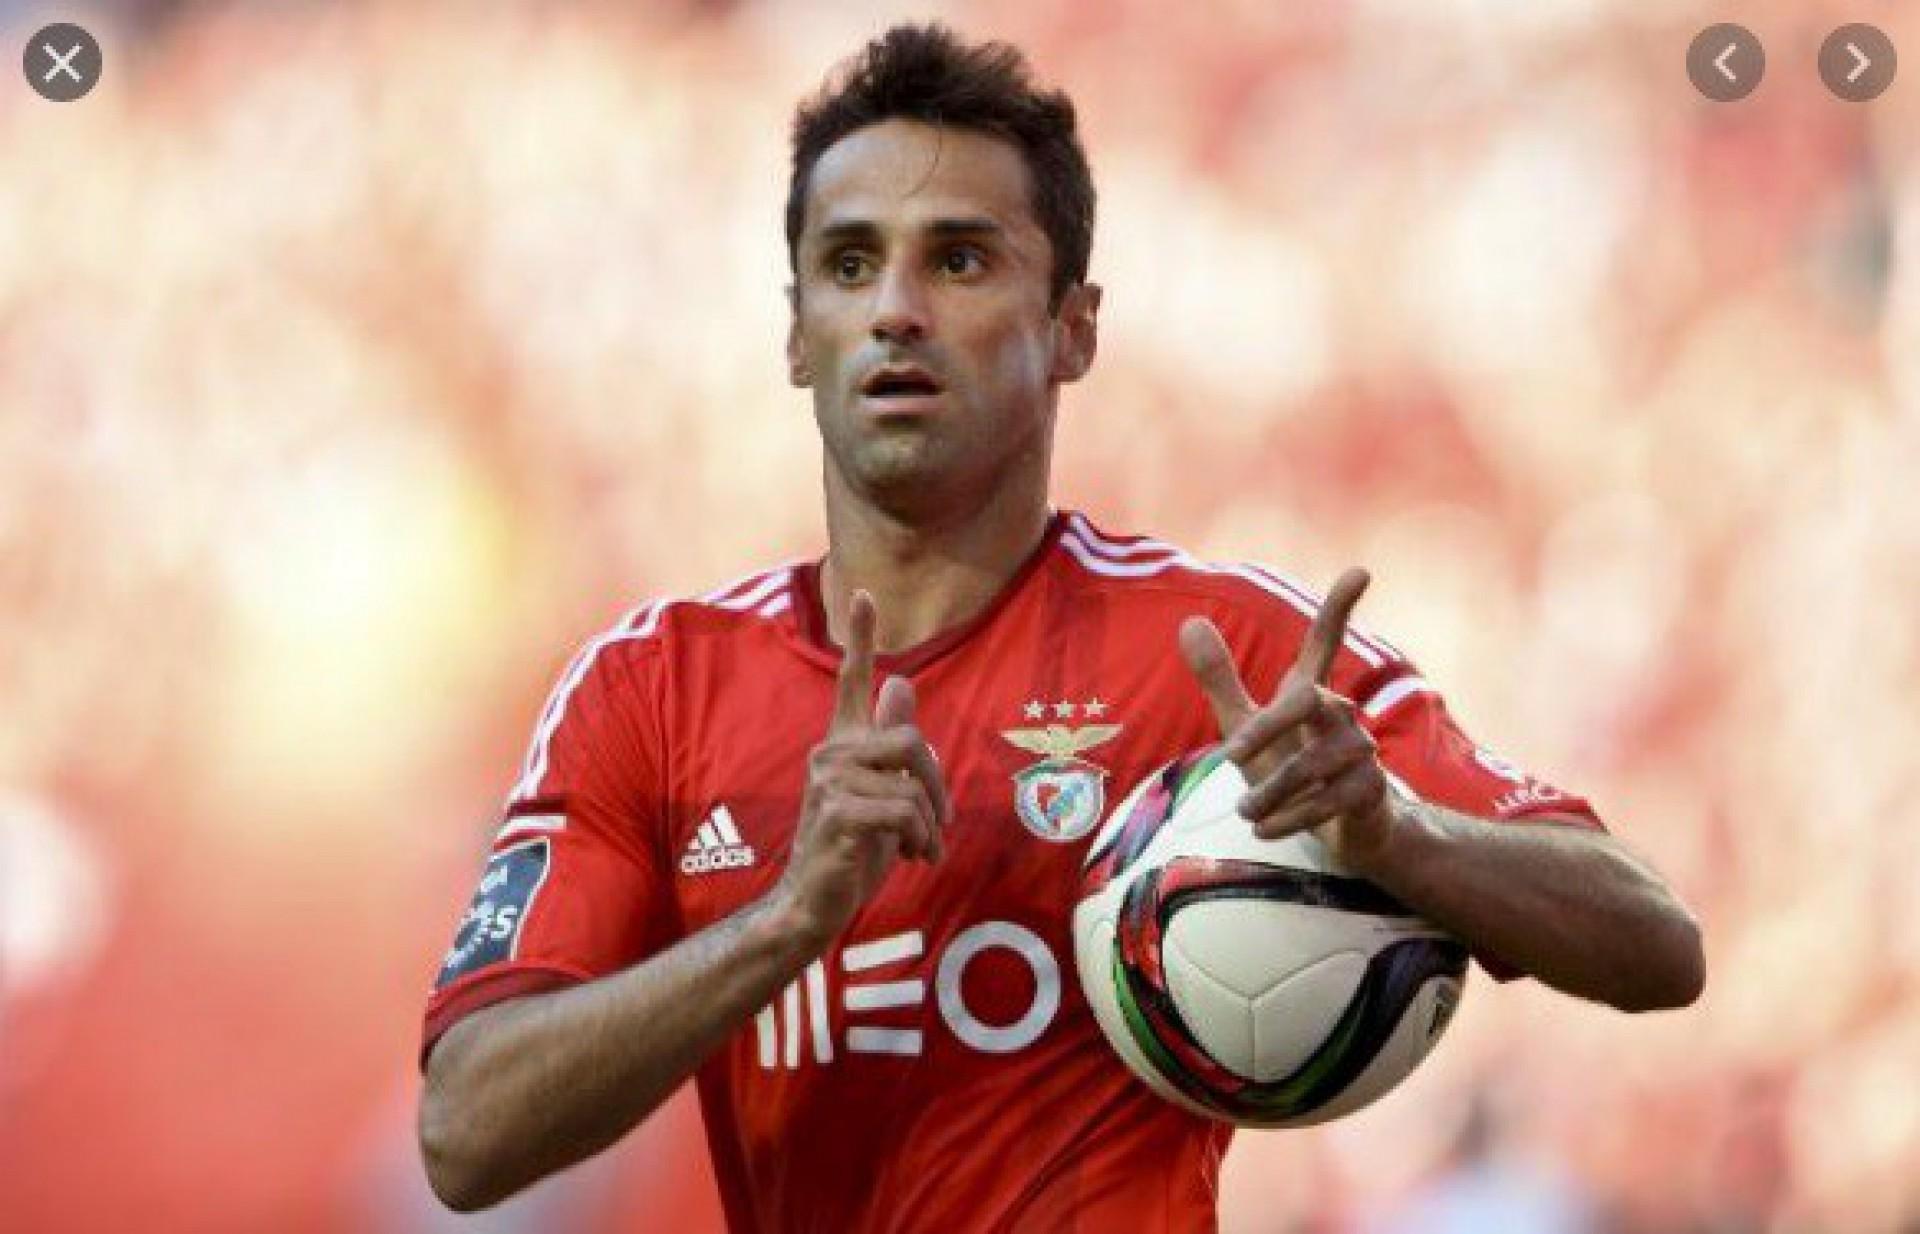 Jonas fez história com a camisa do Benfica - AFP